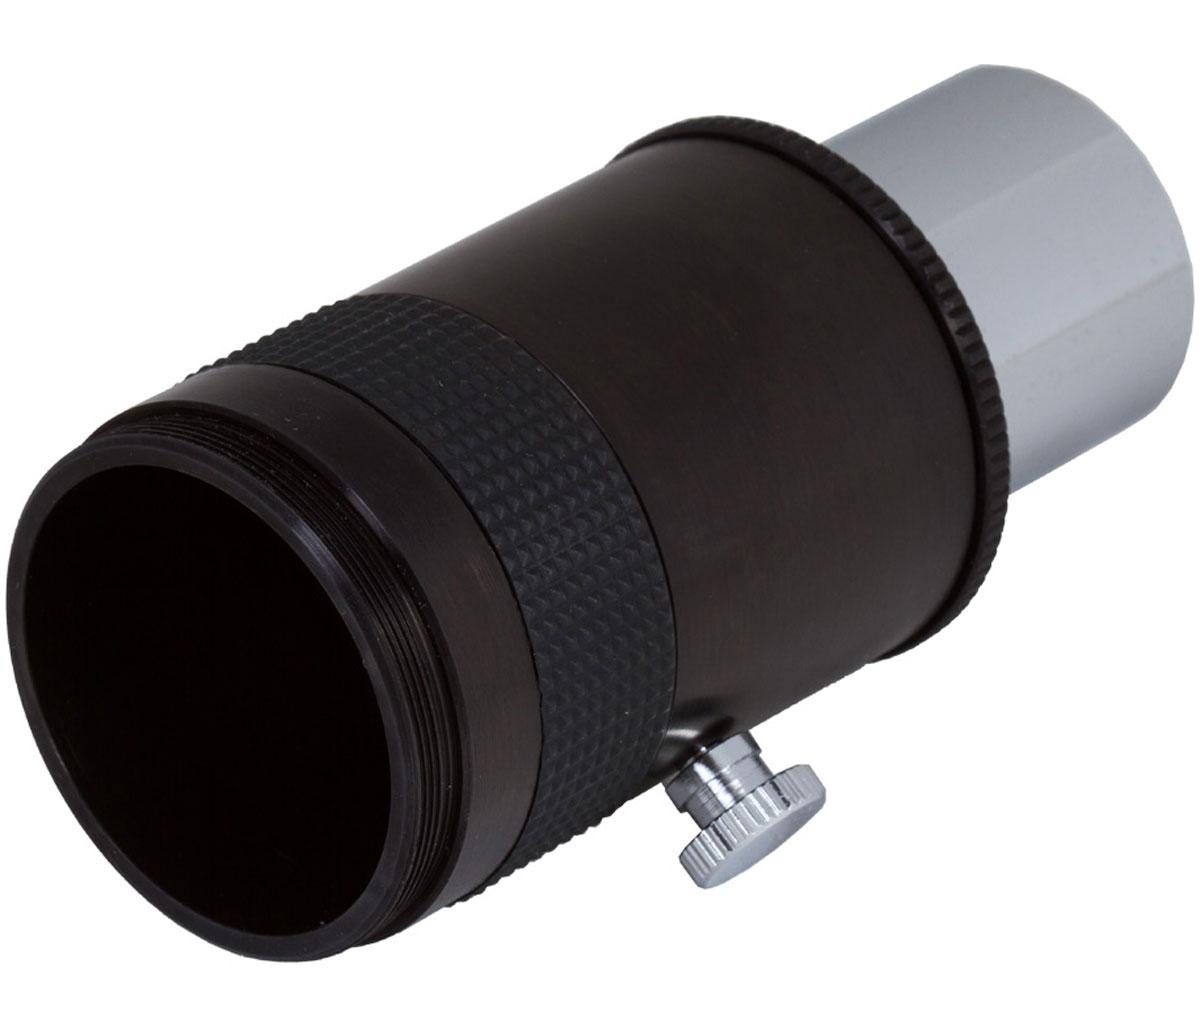 Bresser 69822 фотоадаптер для телескопов 1,2569822Откройте для себя мир астрофотографии с помощью фотоадаптера Bresser! Замените окуляр телескопа адаптером, присоедините зеркальную камеру и снимайте Луну и все планеты Солнечной системы. Установите окуляр или линзу Барлоу в адаптере, затем поставьте их в телескоп, и для съемки станут доступны любые объекты далекого космоса. Их можно снимать обычной цифровой мыльницей.Фотоадаптер Bresser позволяет делать снимки космических тел в прямом фокусе или проекции окуляра. Стандартный посадочный диаметр адаптера дает возможность использовать его с большинством современных телескопов. Для закрепления камеры понадобится Т2-кольцо (приобретается отдельно).